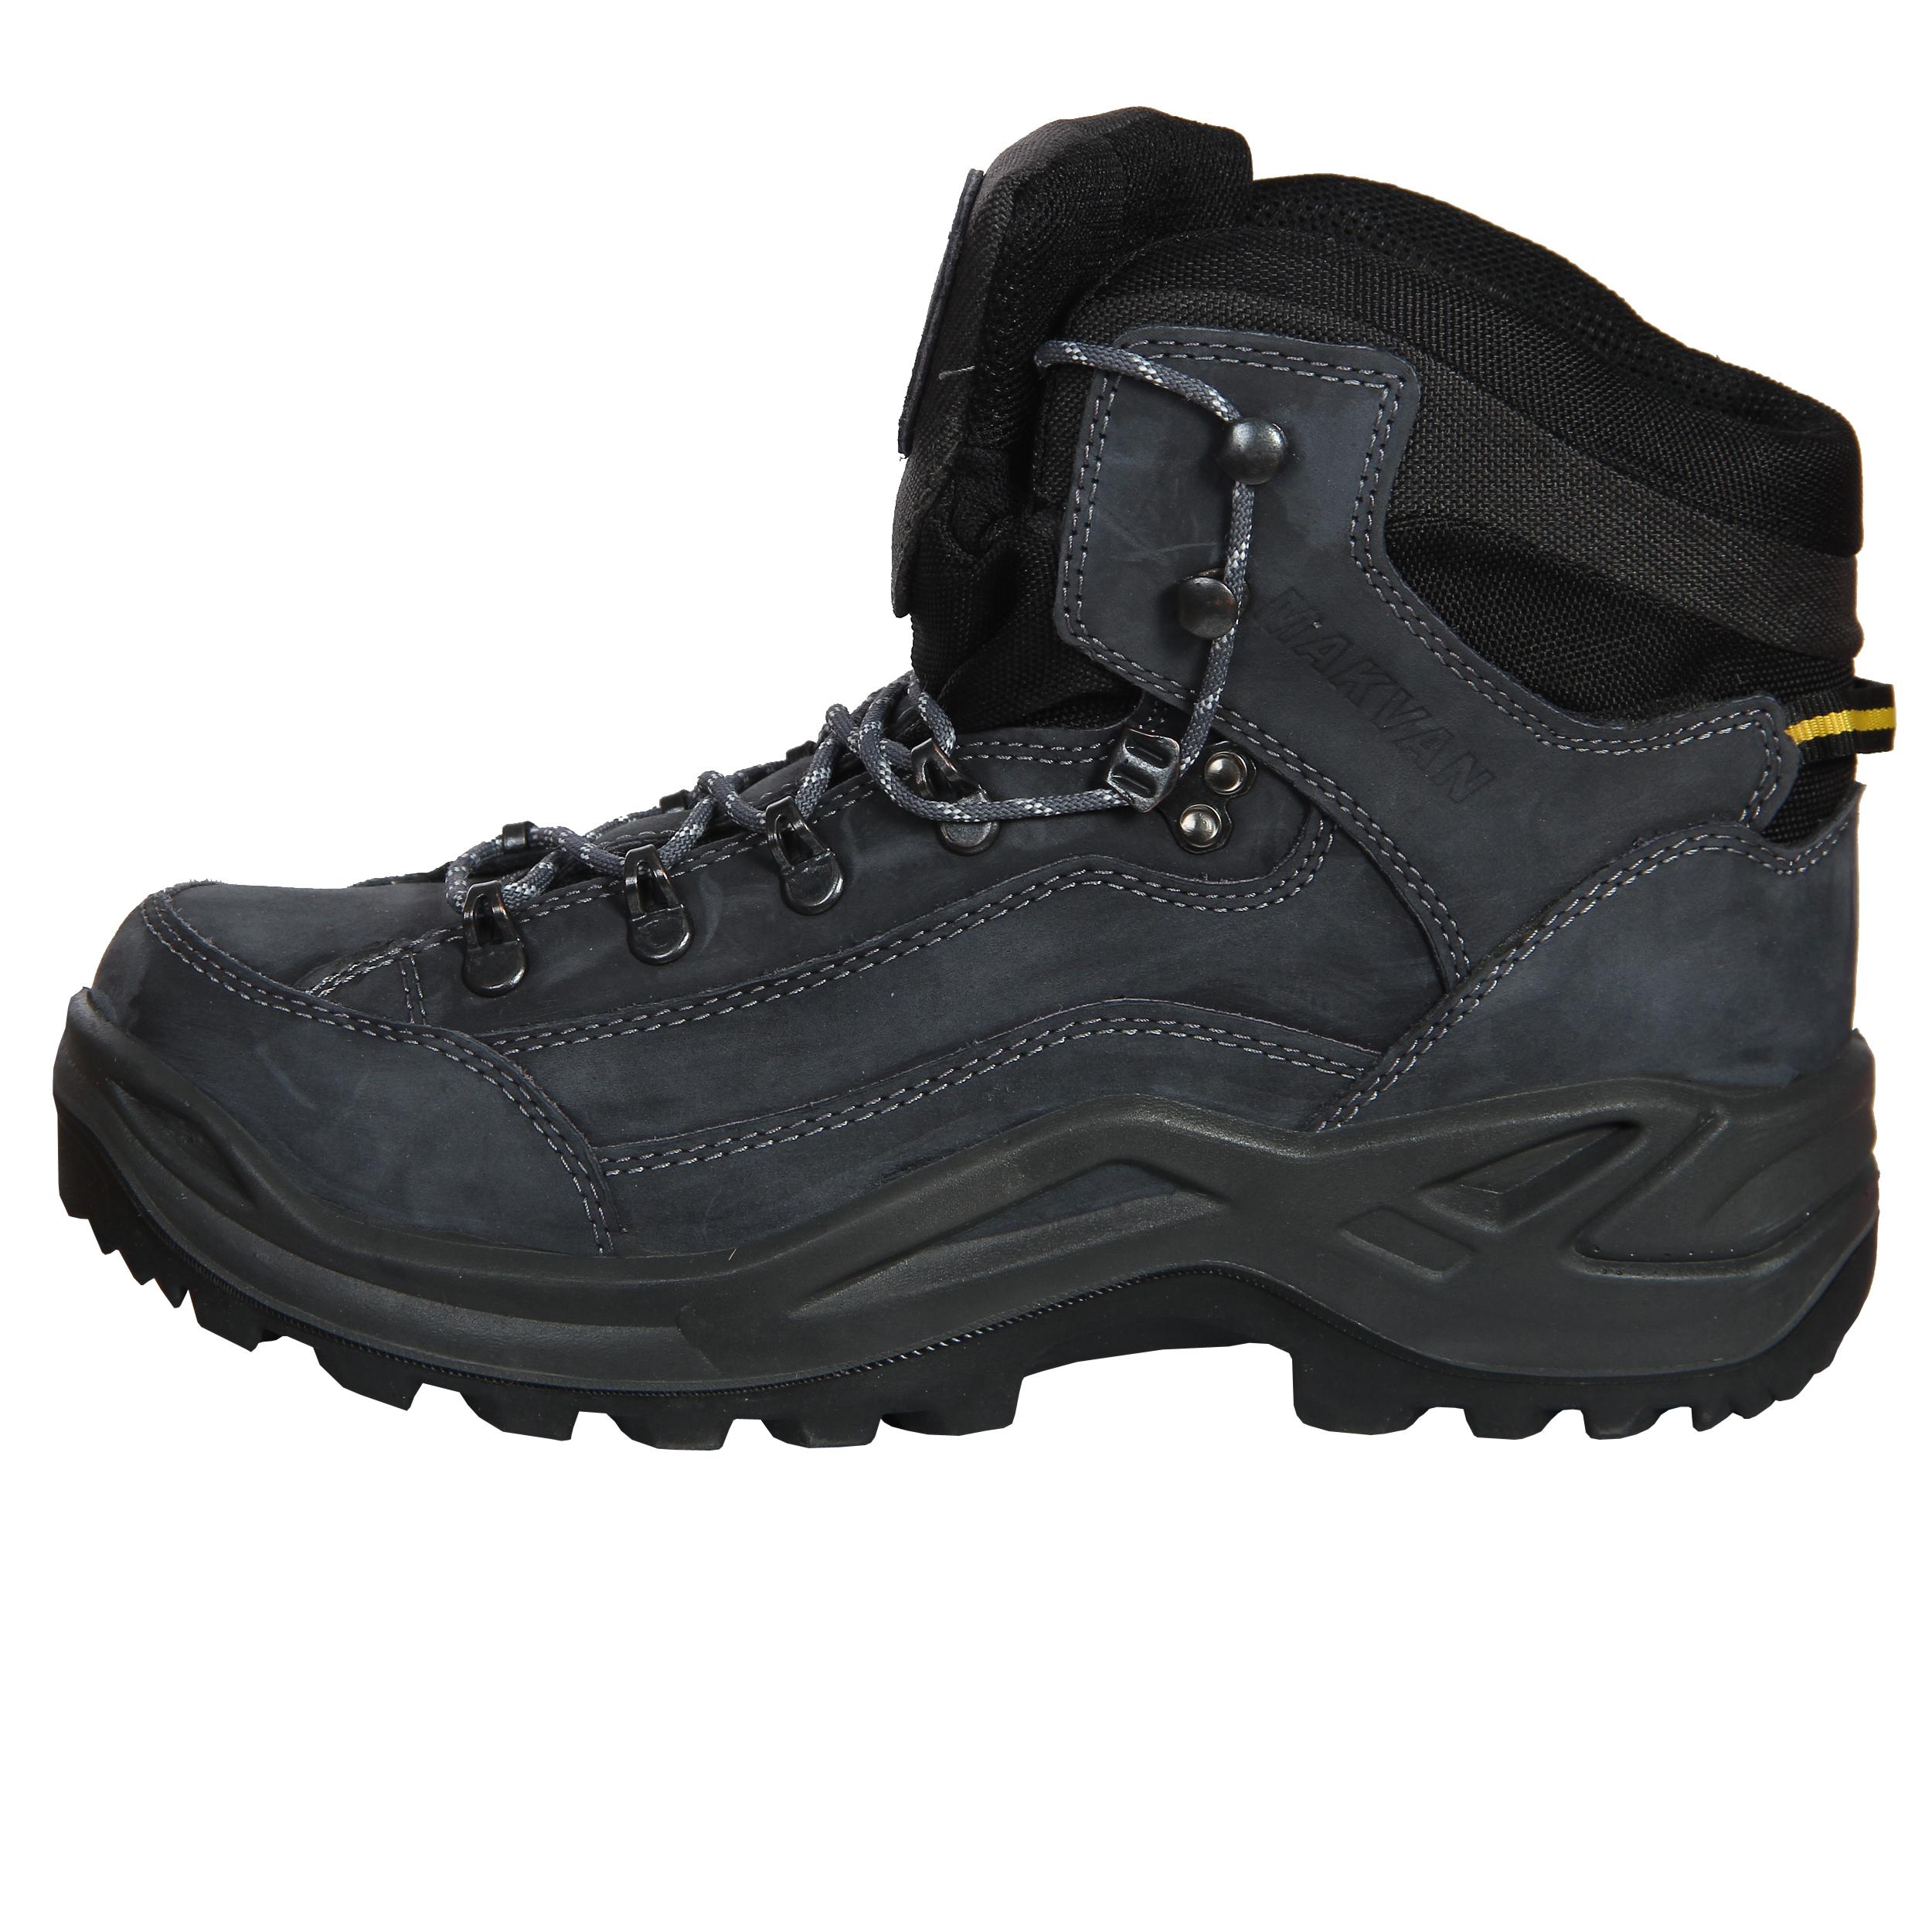 کفش کوهنوردی مدل مکوان کد 5643